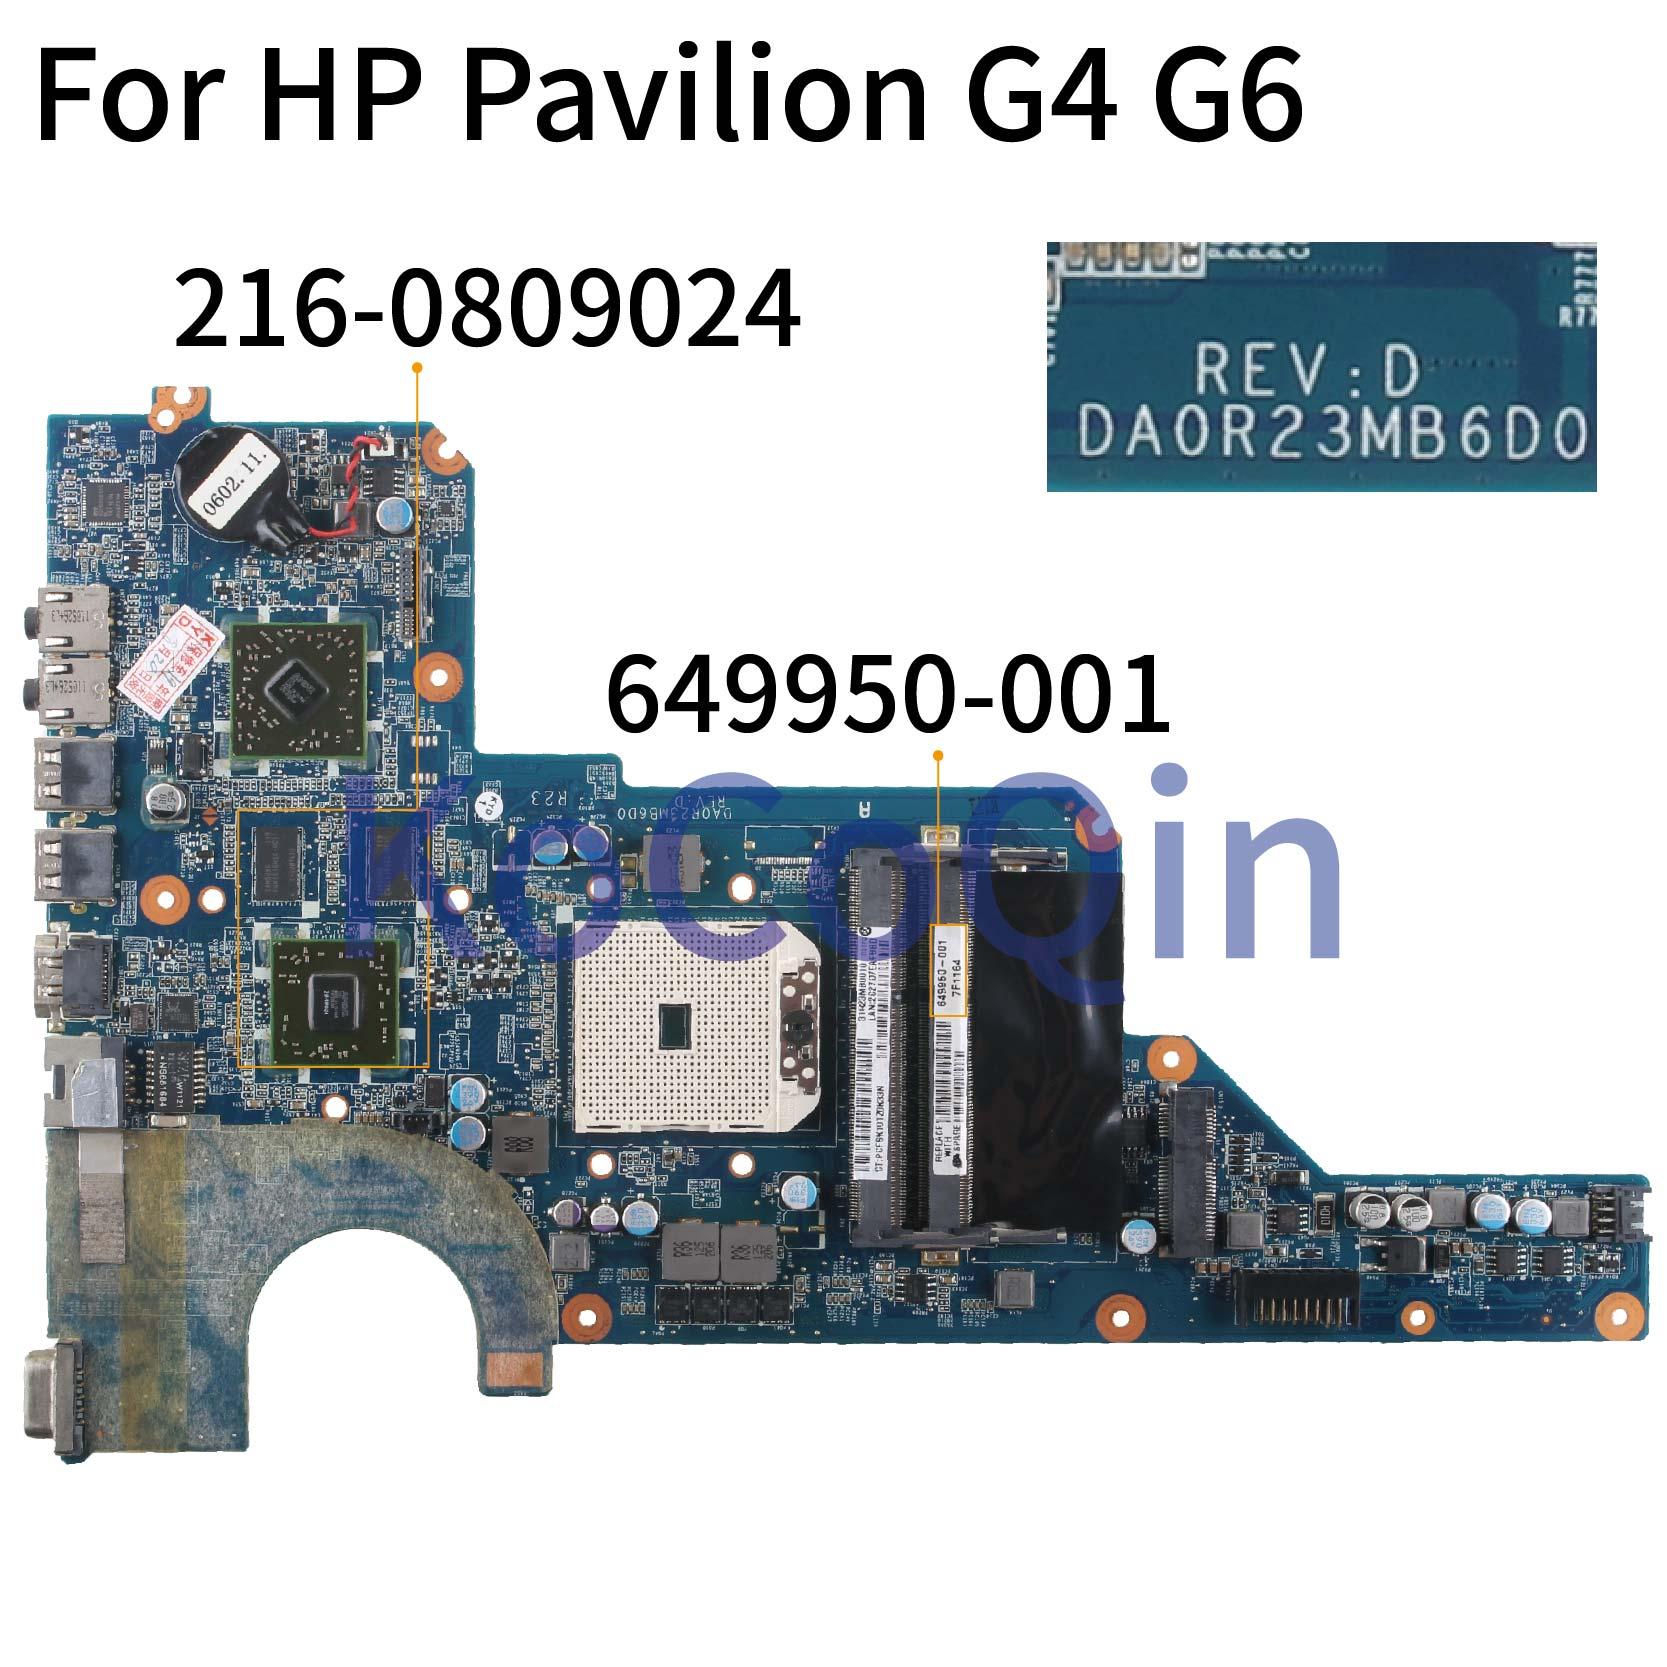 KoCoQin Laptop Motherboard For HP Pavilion G4 G6 HD6470 Socket FS1 Mainboard 649950-001 649950-501 DA0R23MB6D0 216-0809024